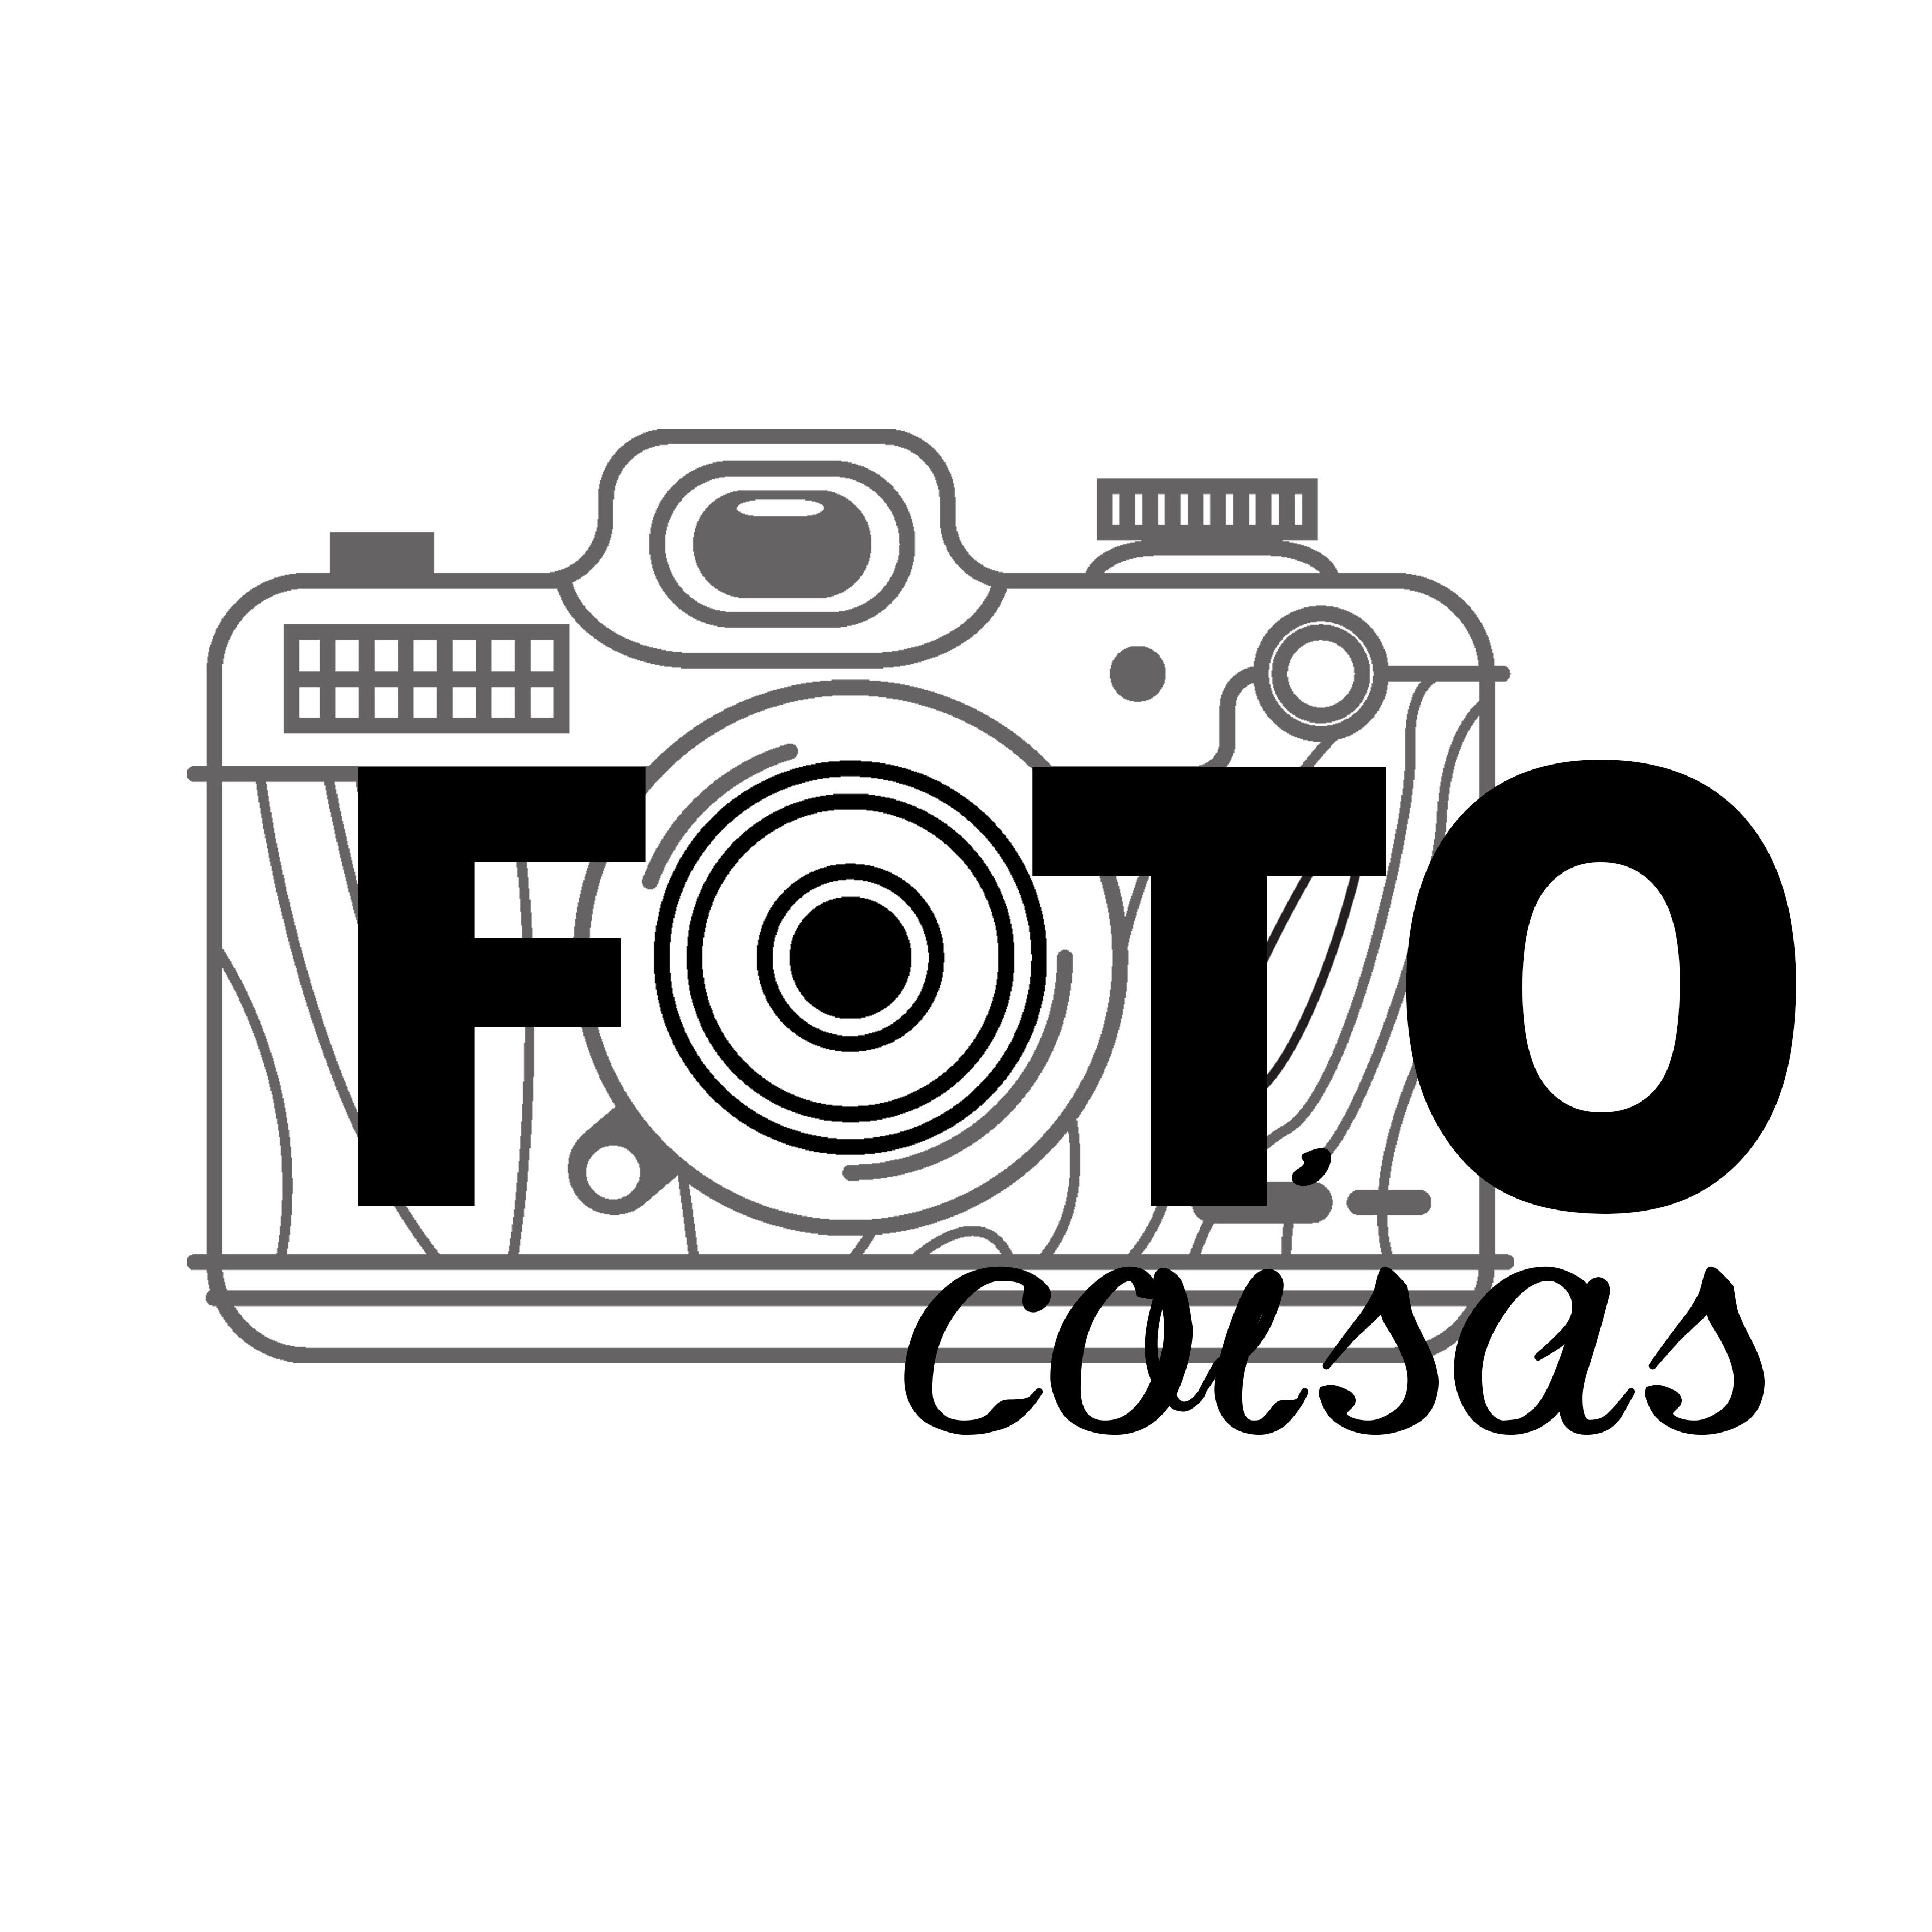 Foto e Coisas